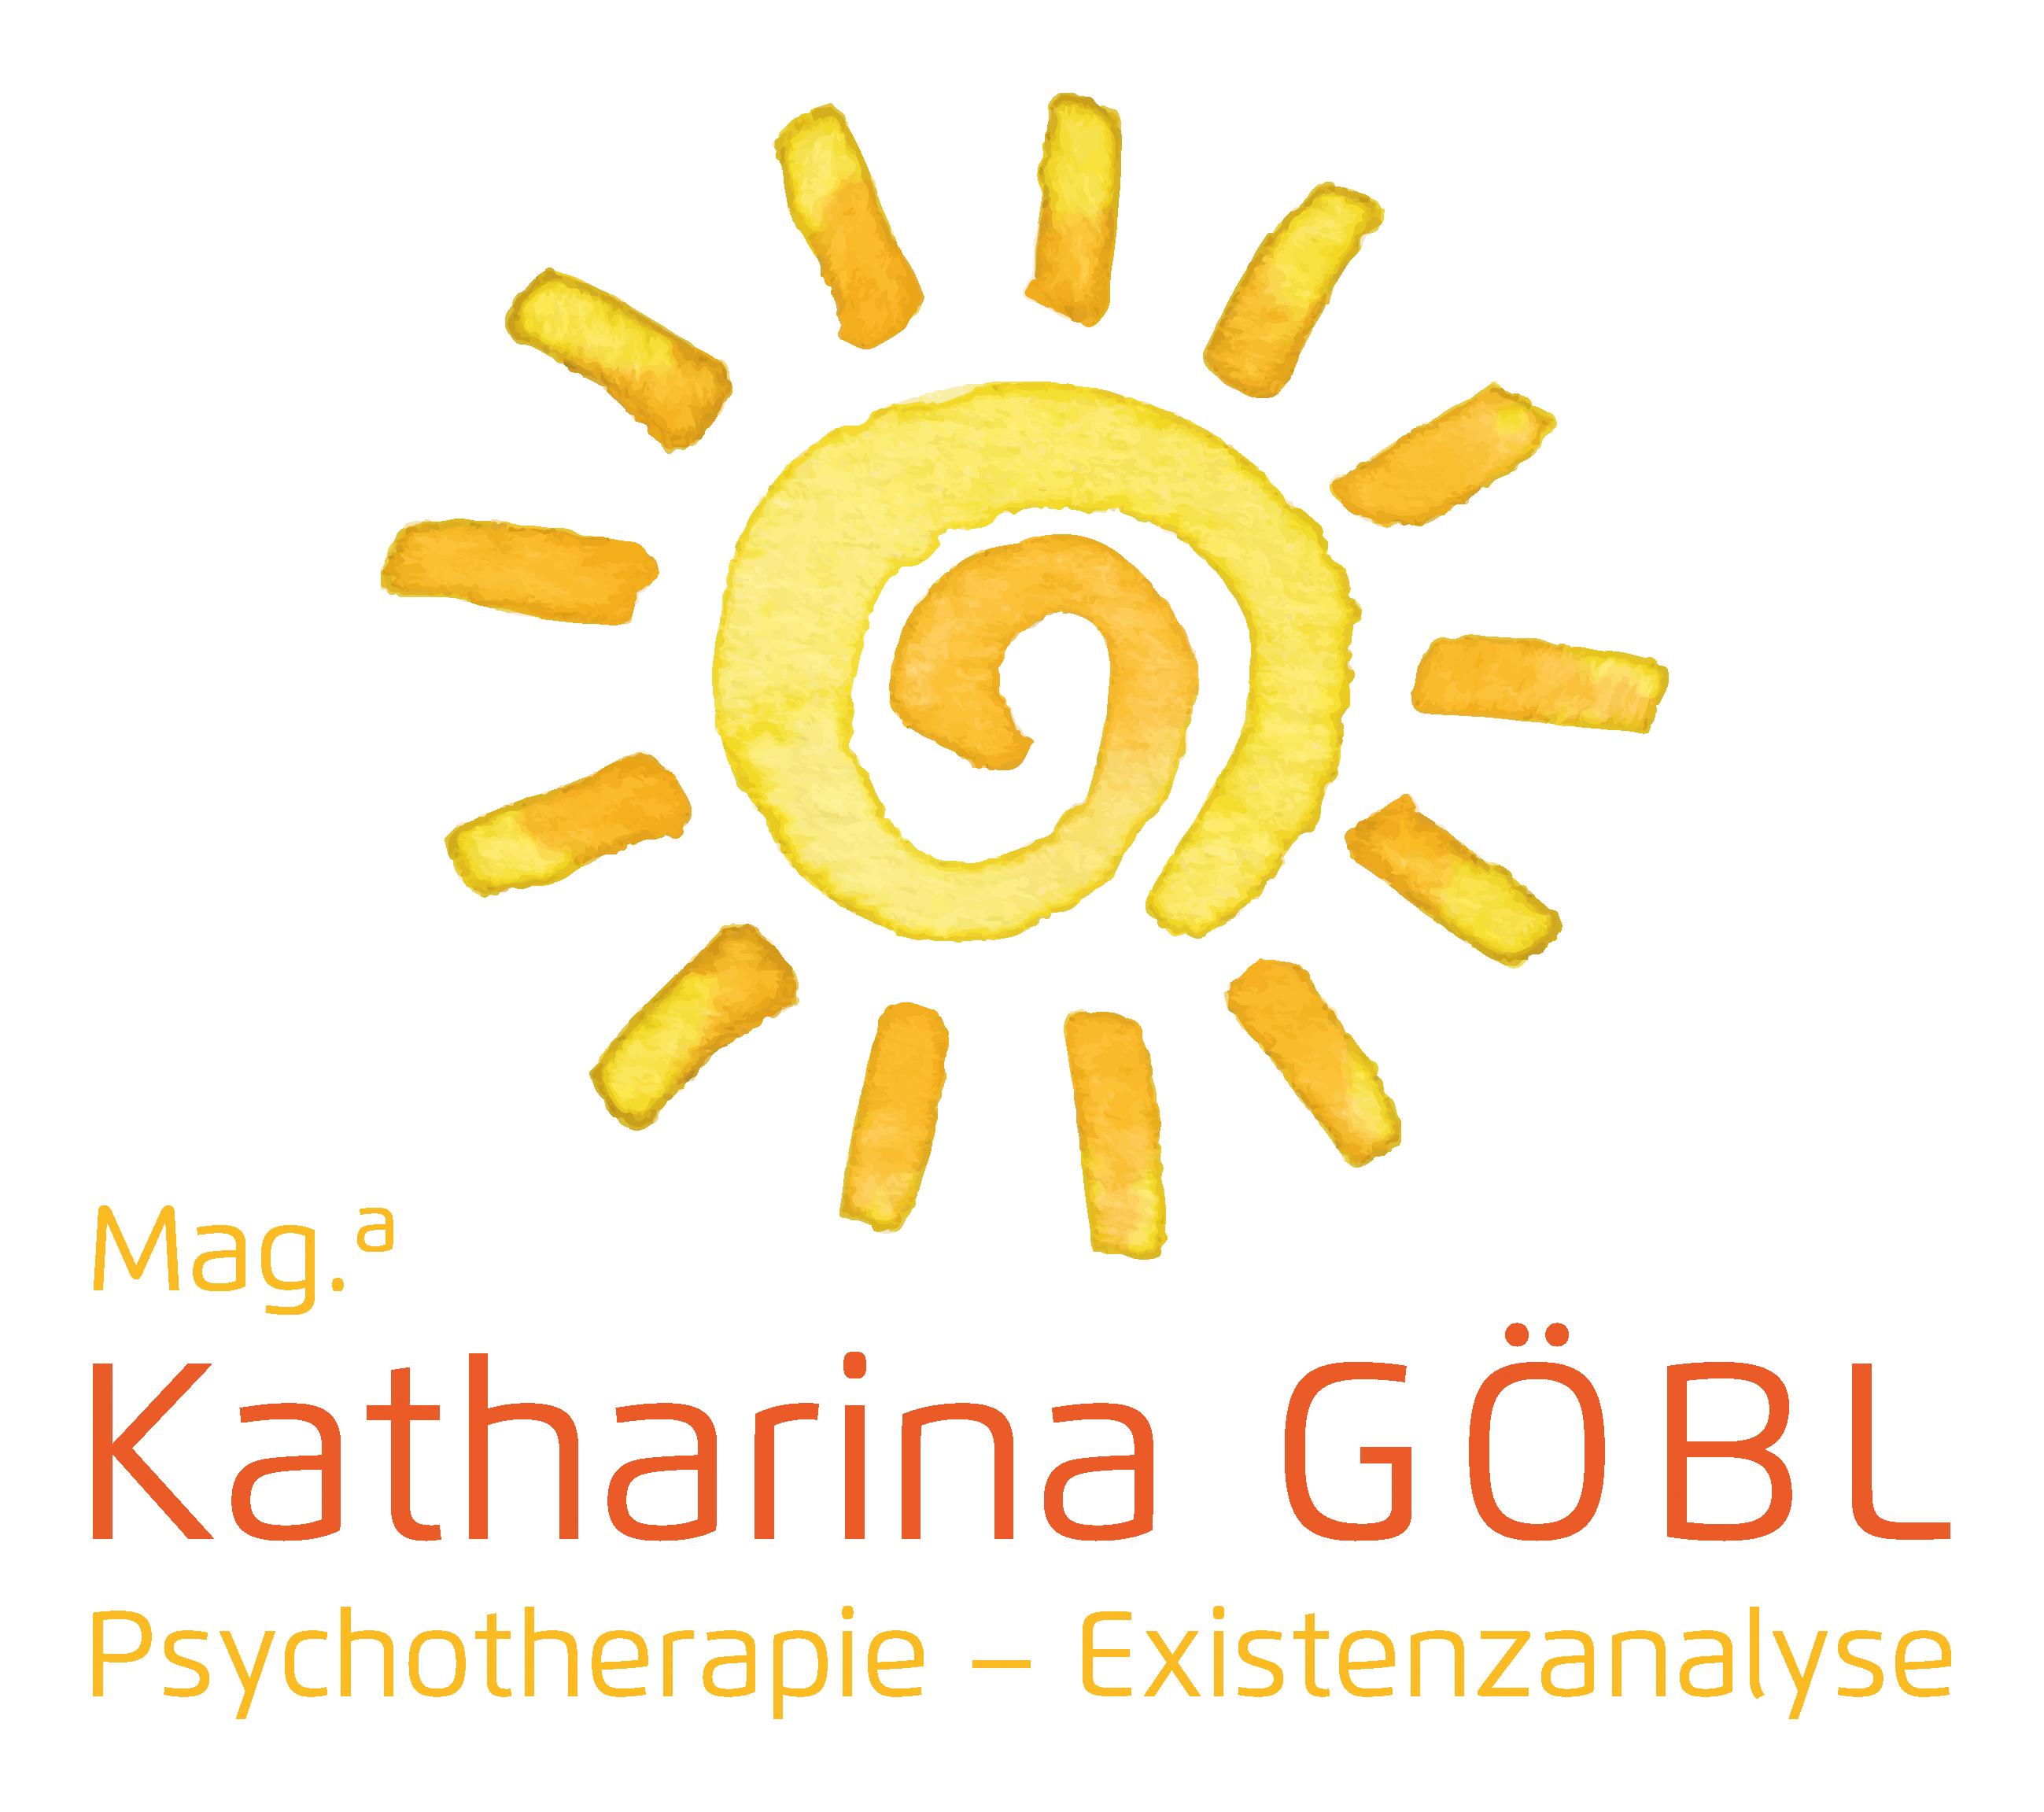 Mag.a Katharina Göbl